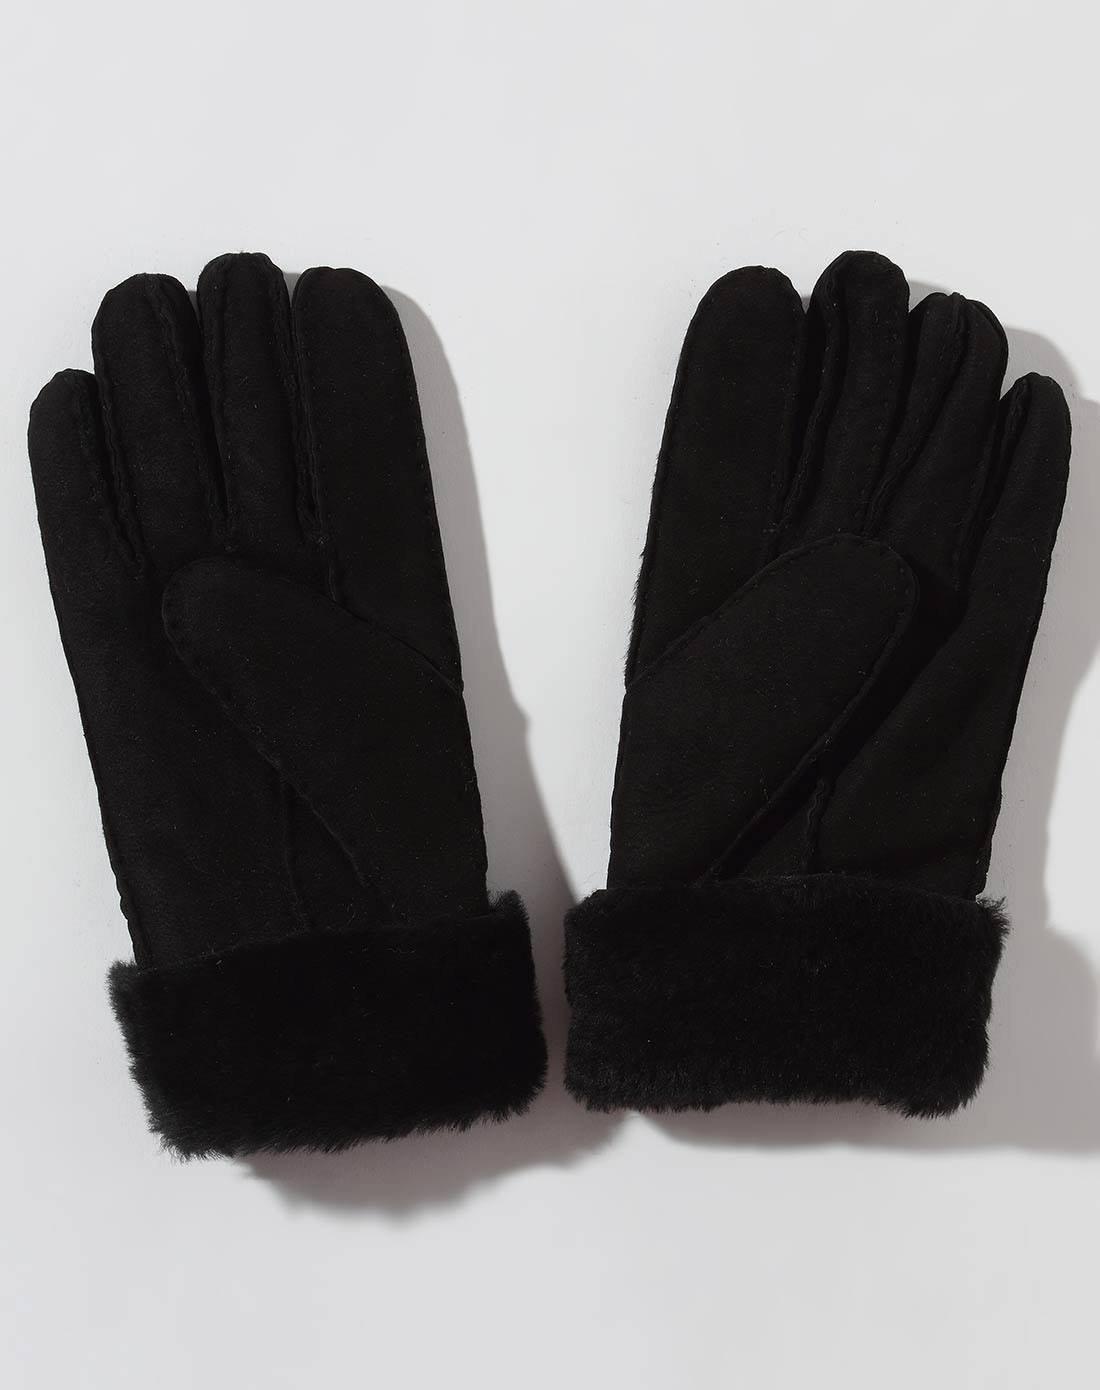 DIDIDD Guantes calientes antideslizantes dedos calientes guantes guantes deportivos al aire libre (e...